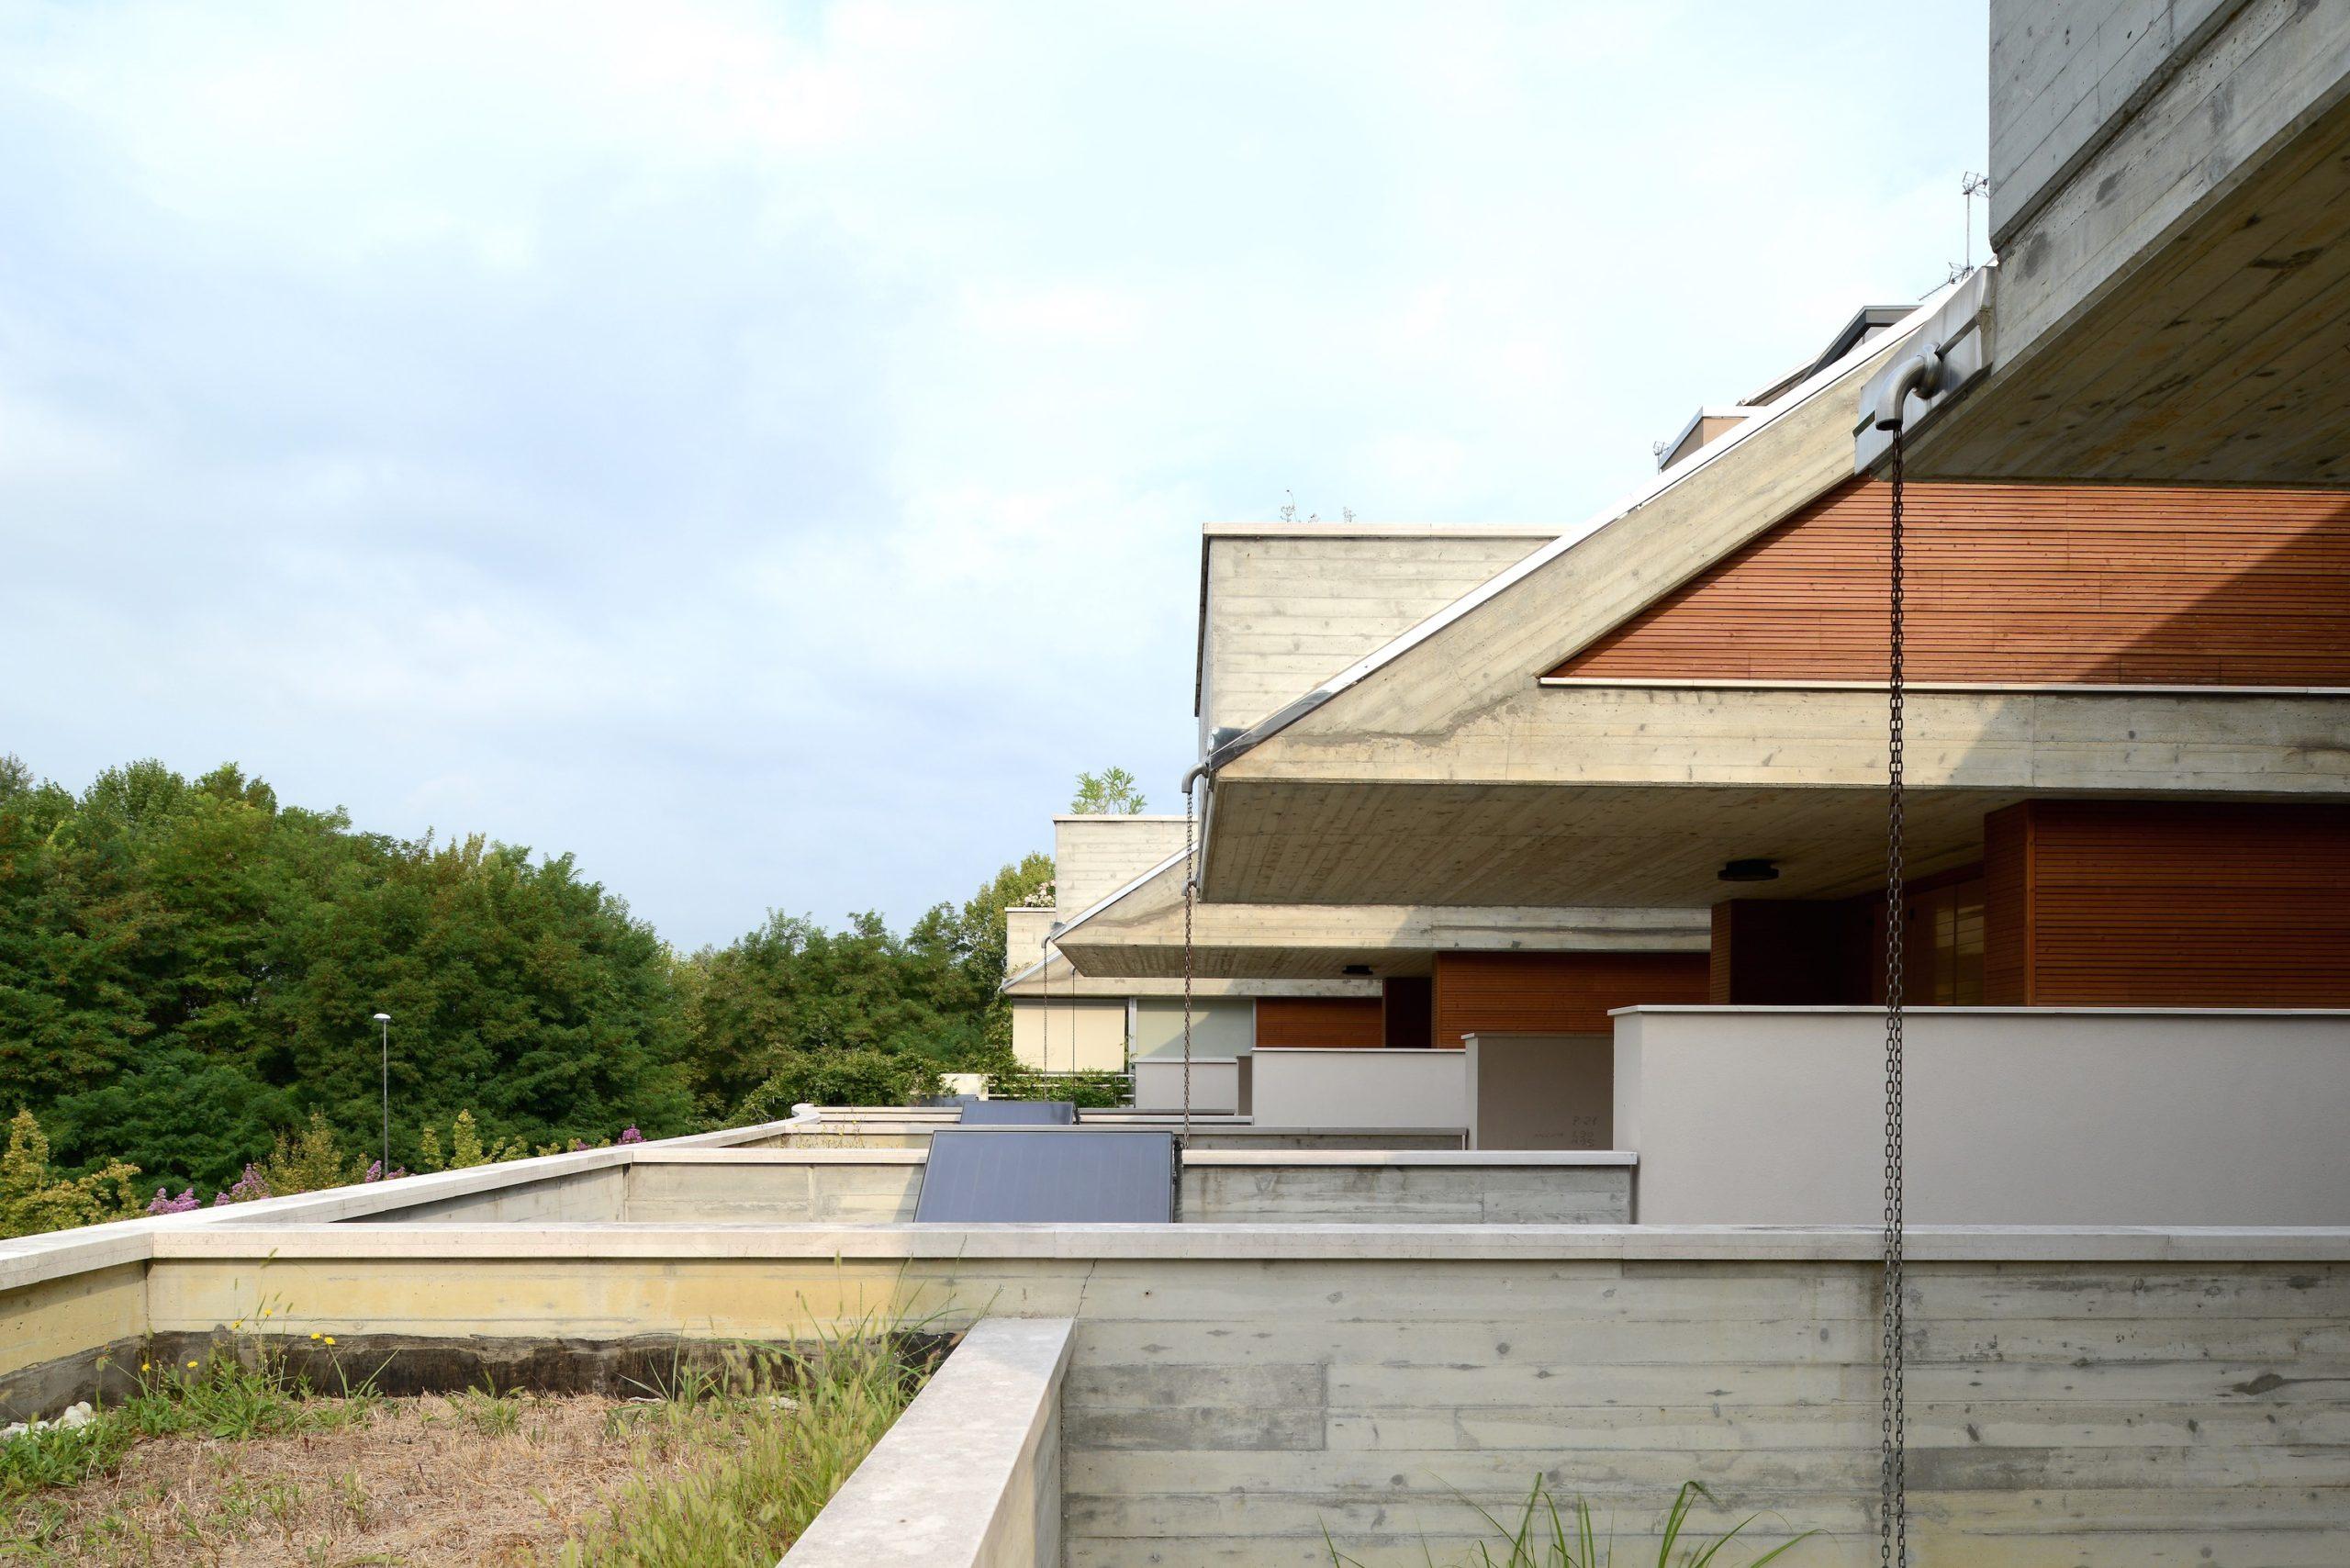 6569 Studio Bacchi Architetti 7Case